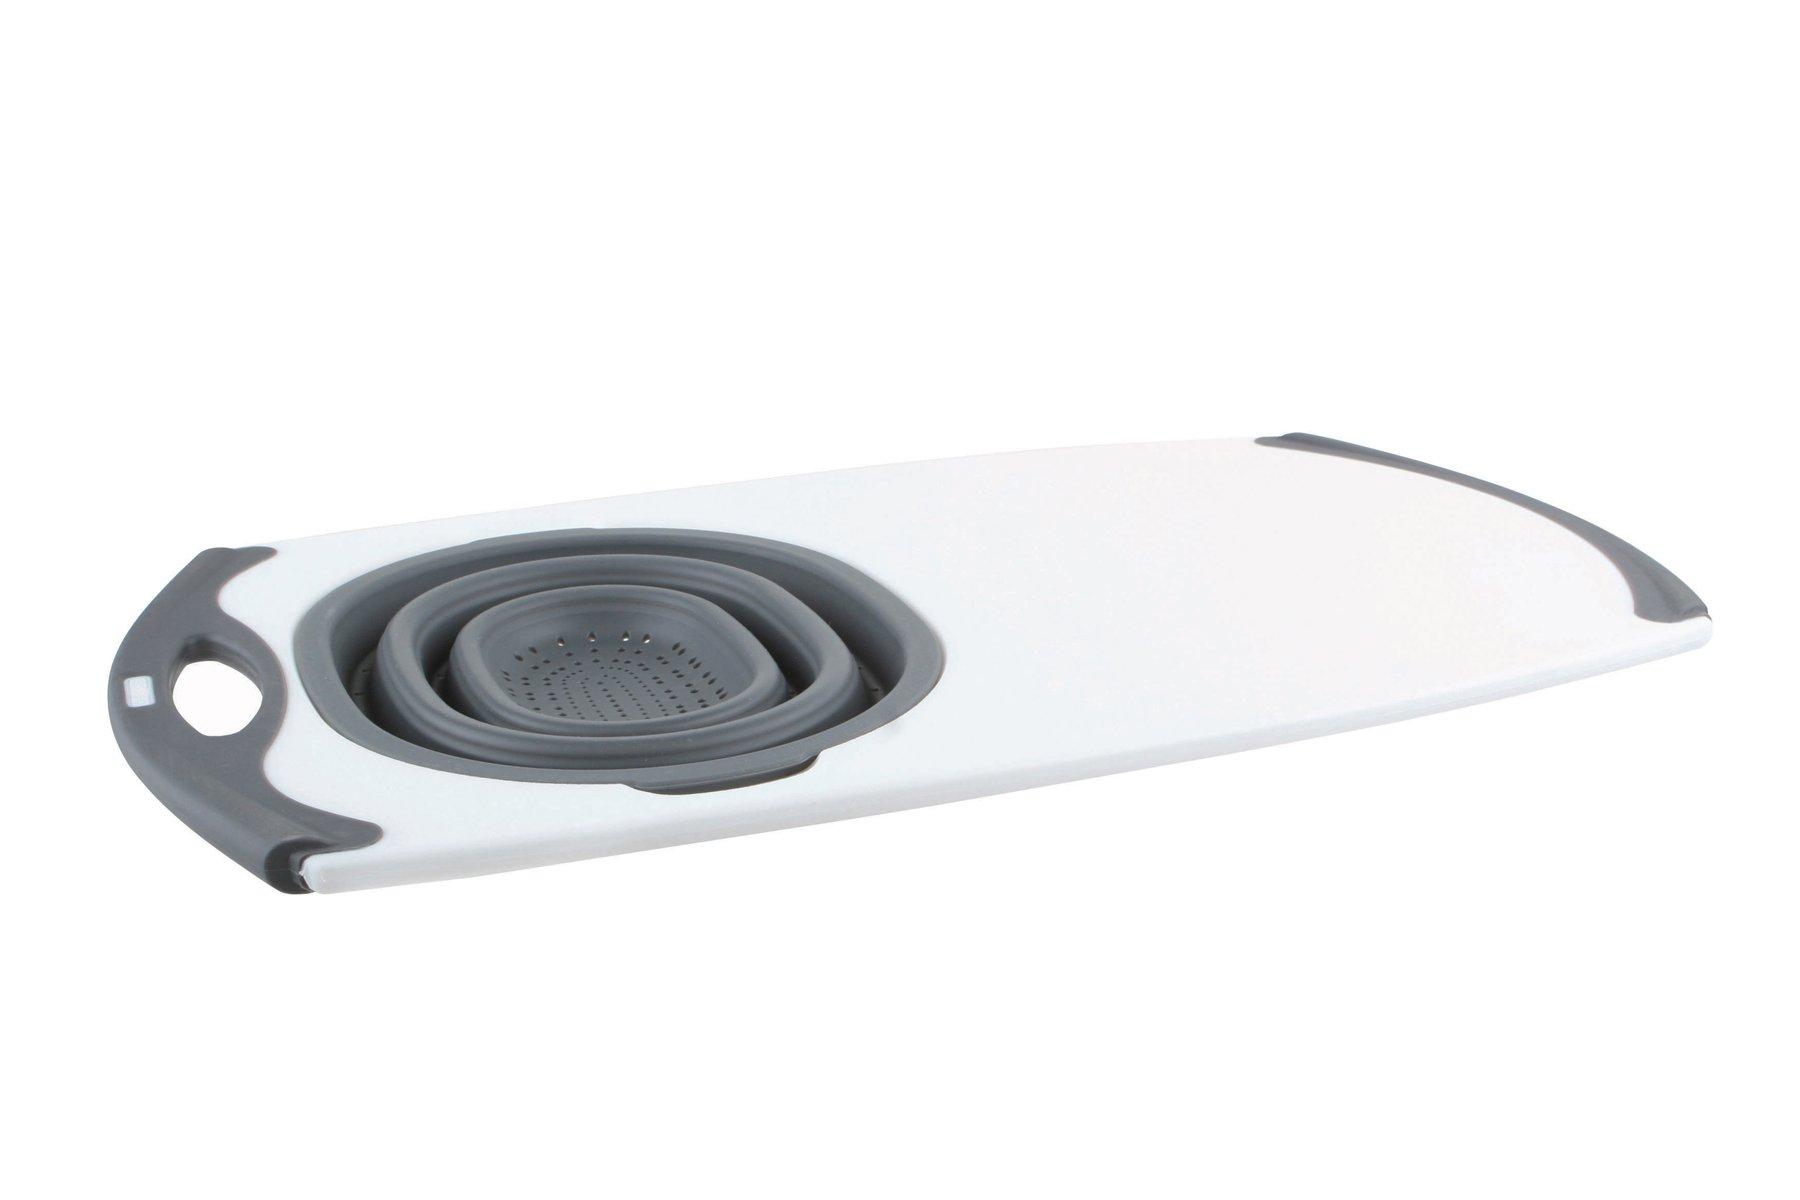 Dexas Over-the-Sink Strainer Grippboard